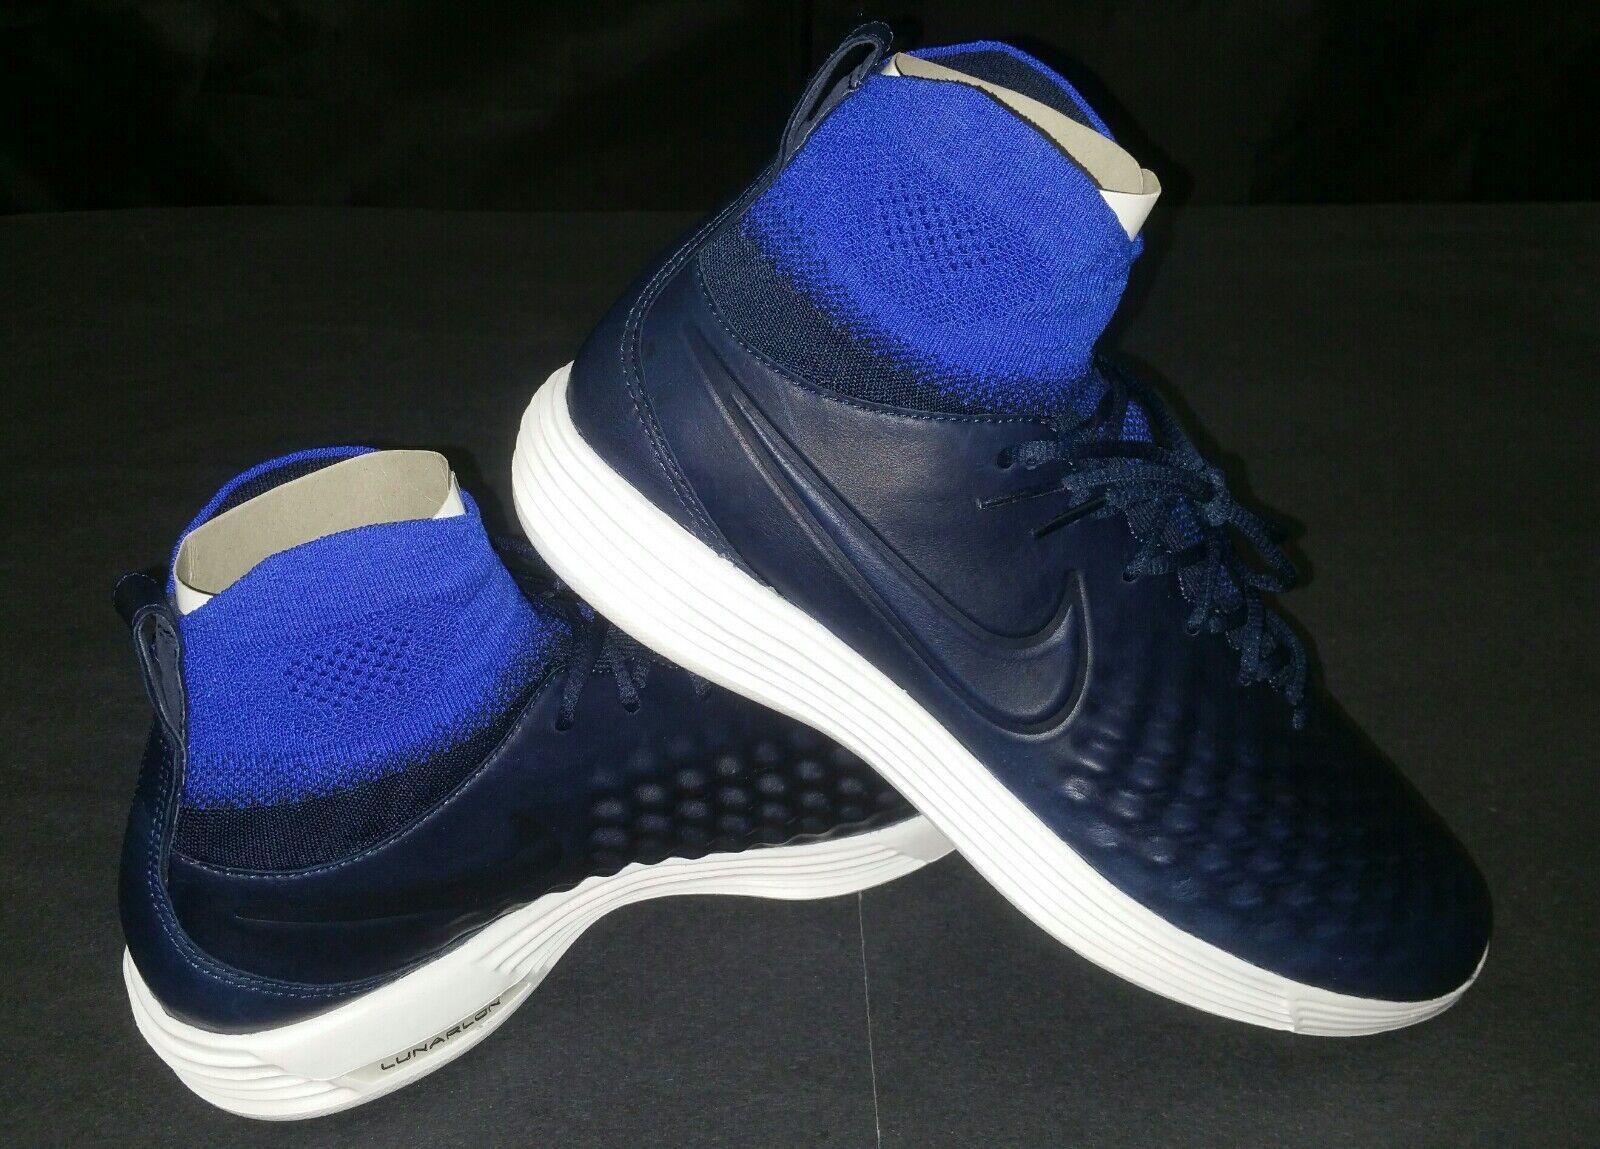 new product c506c 1ca78 Nike Lunar magista II FK, College Navy, confortable el último último último descuento  zapatos